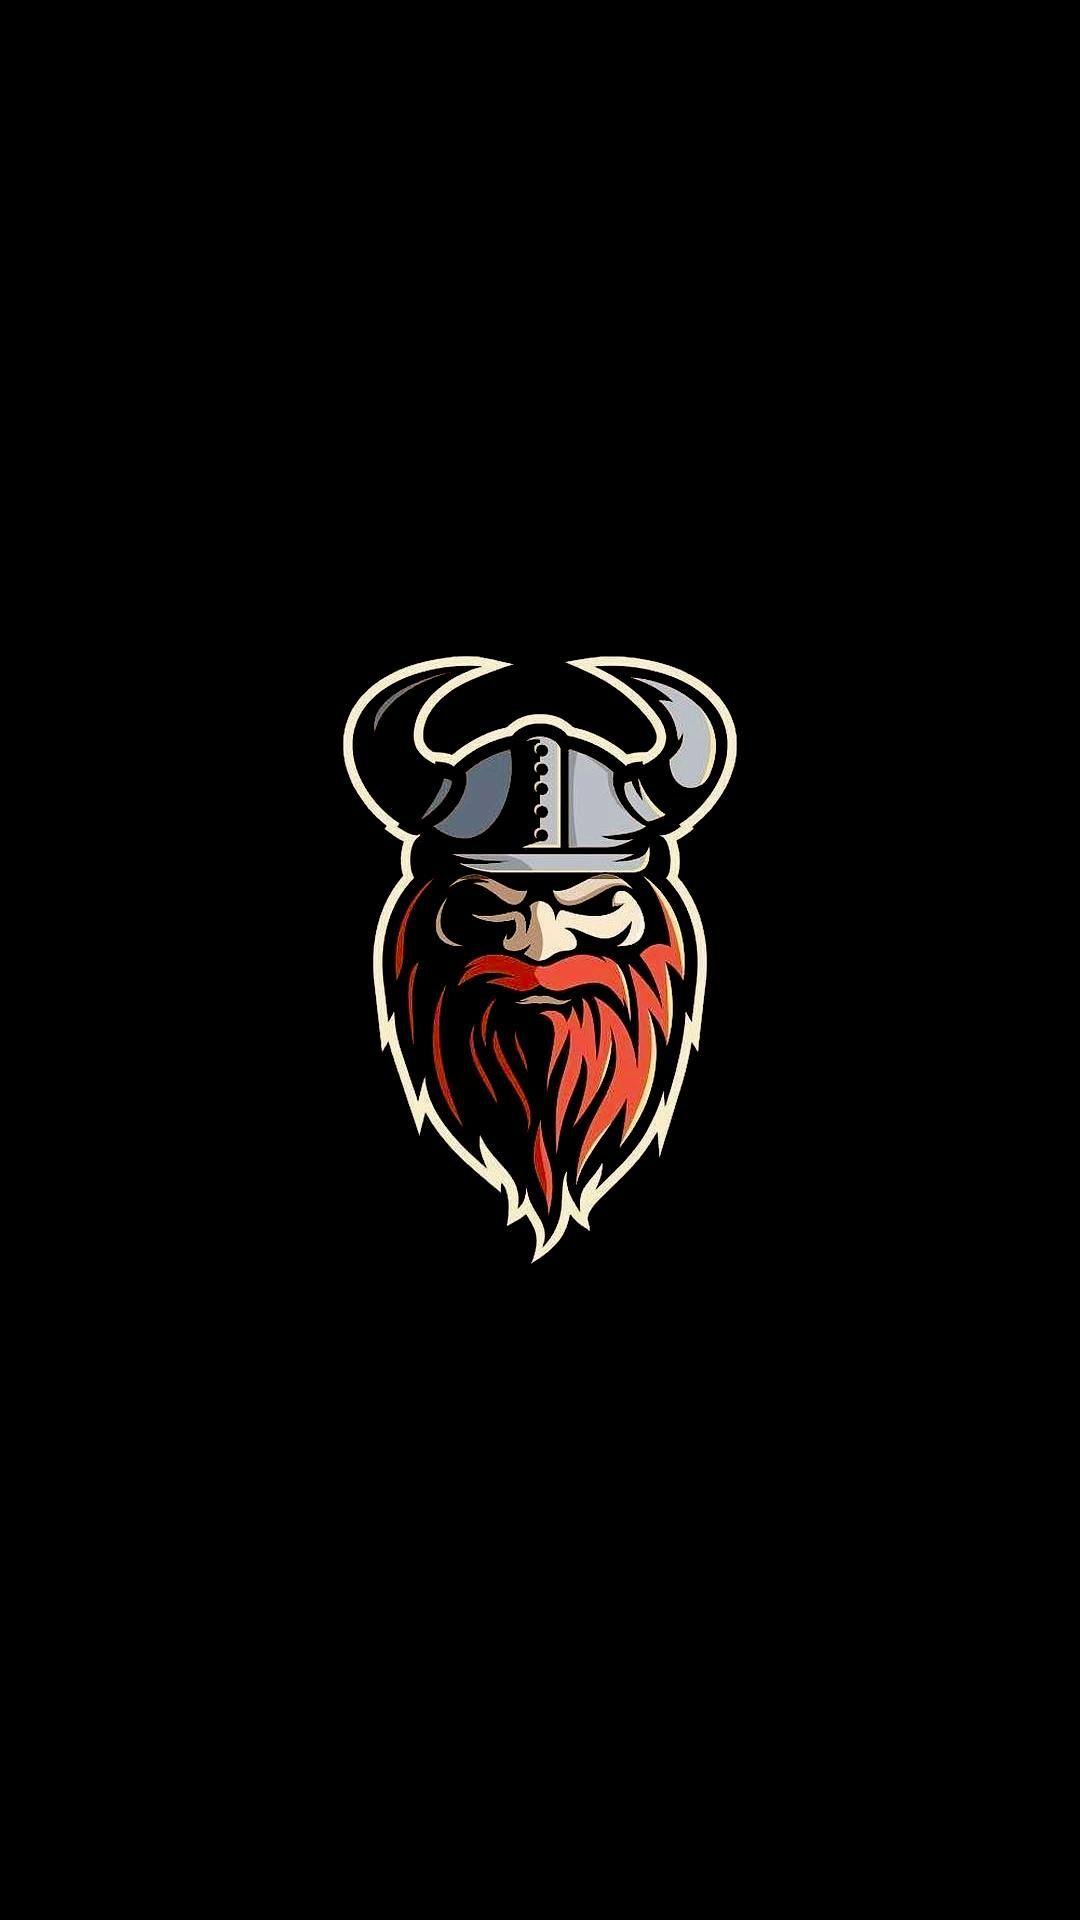 Vikings Iphone Wallpaper